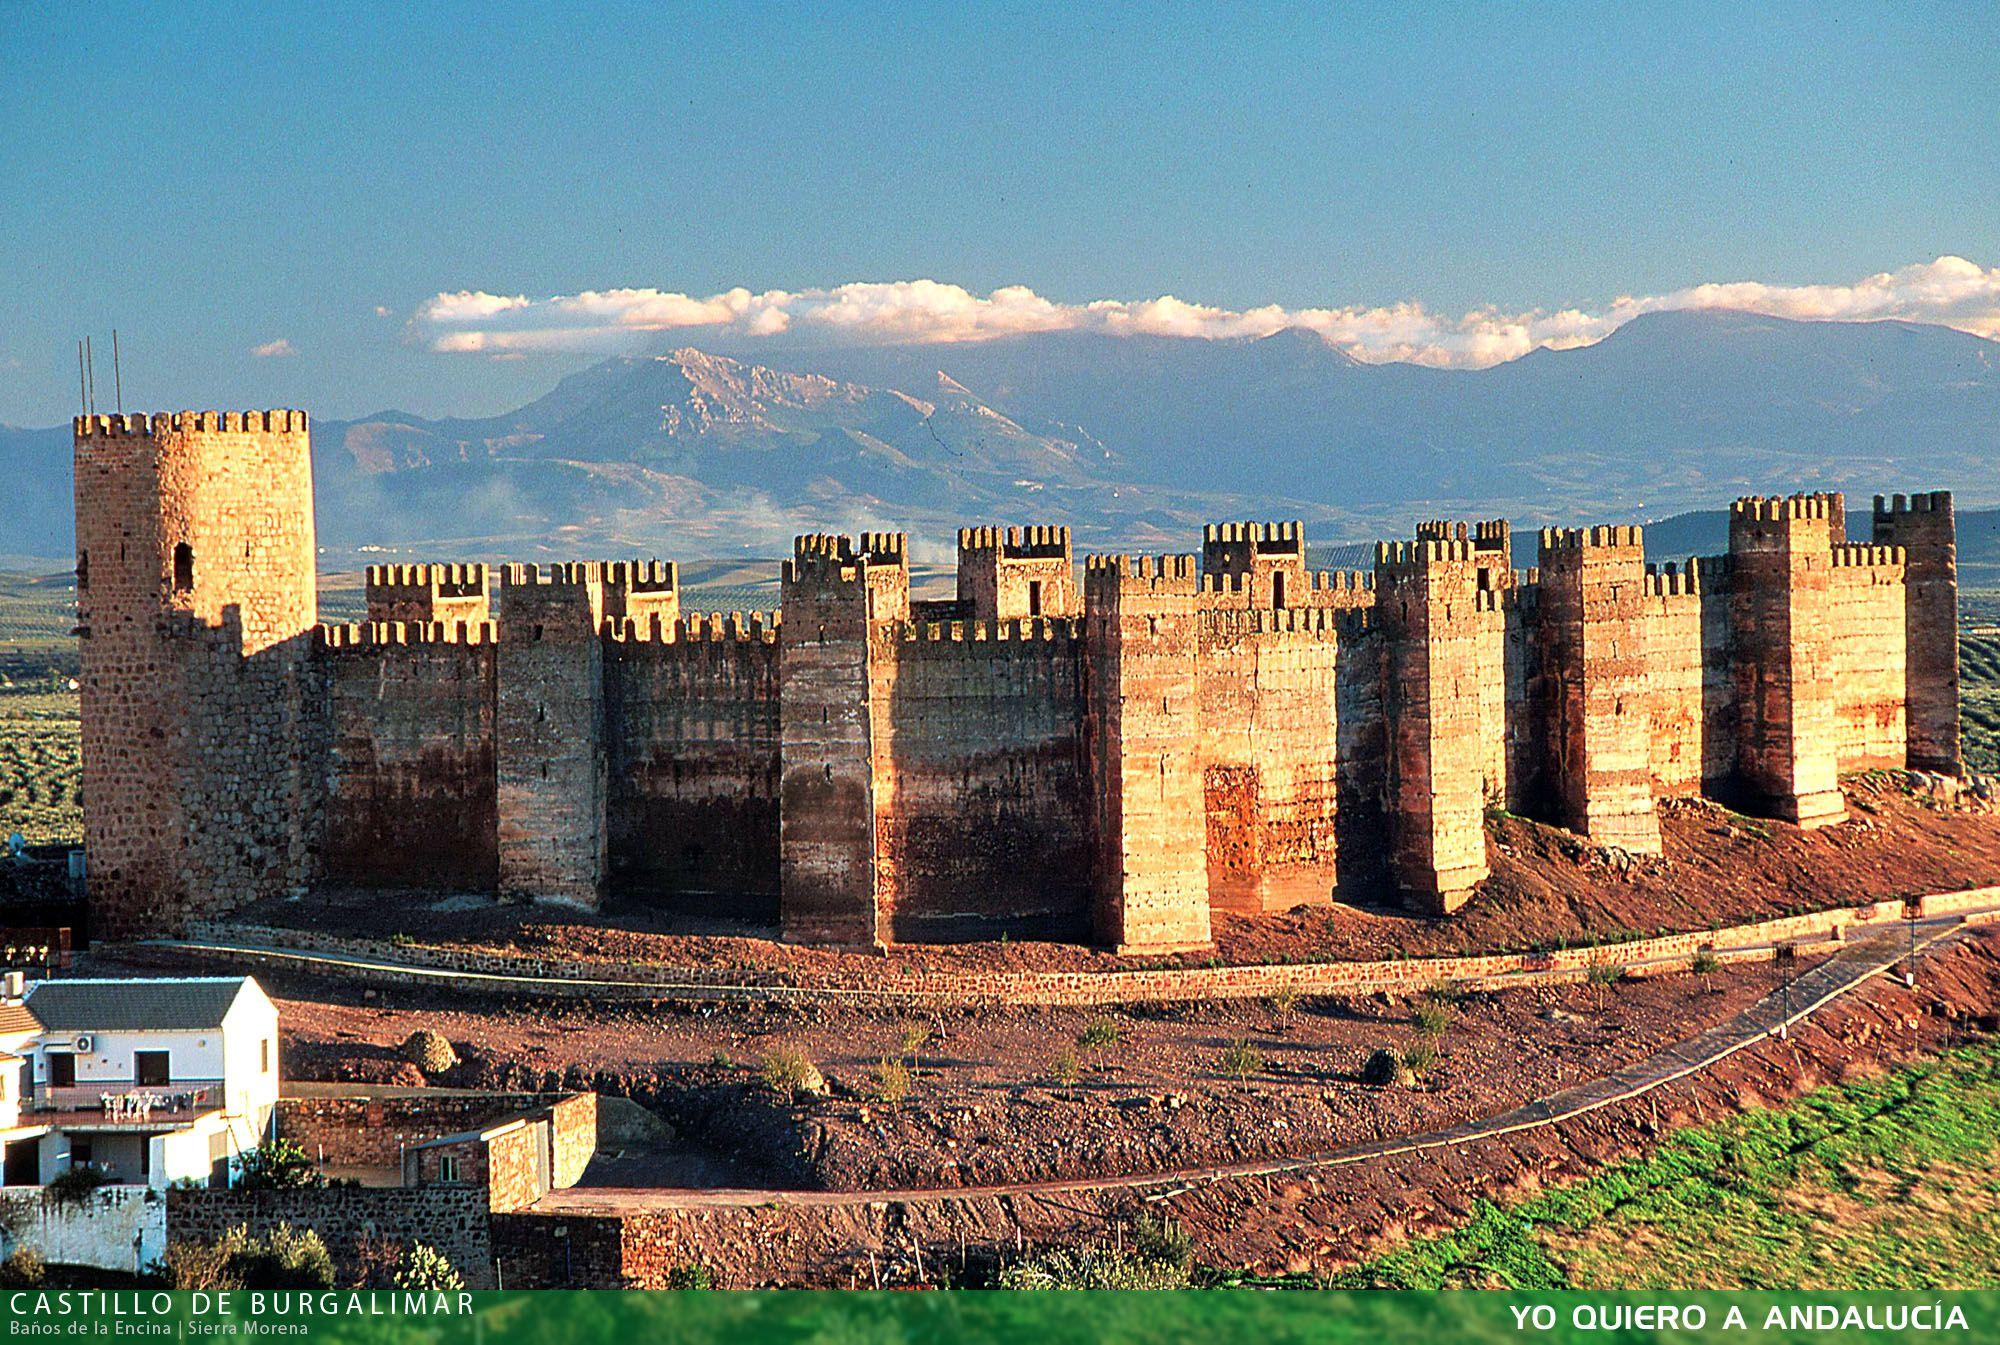 Castillo De Burgalimar Del Arabe Bury Al Hamma Castillo De Los